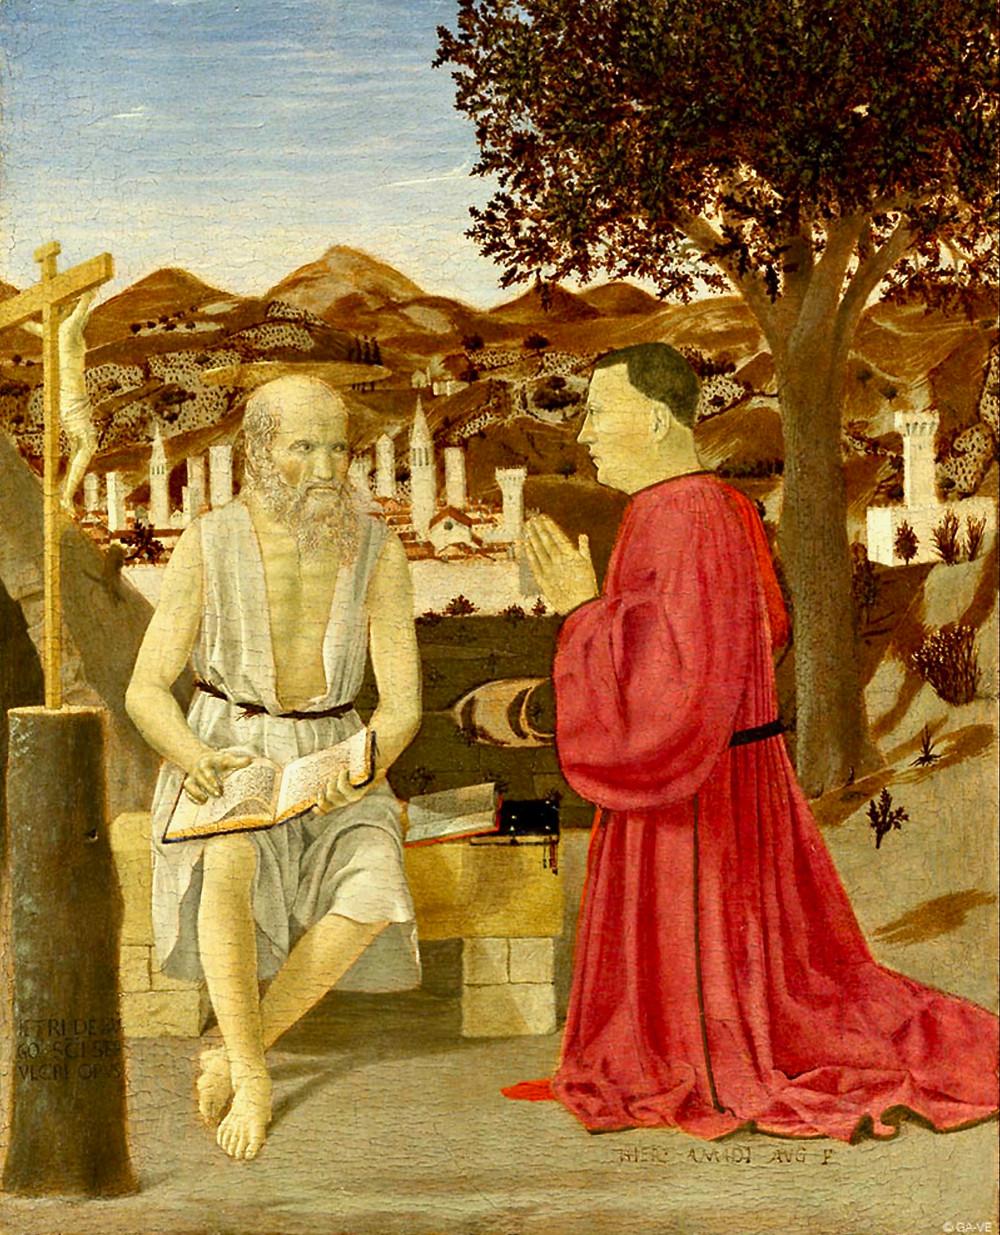 Piero della Francesca, St. Jerome and a Donor, 1451